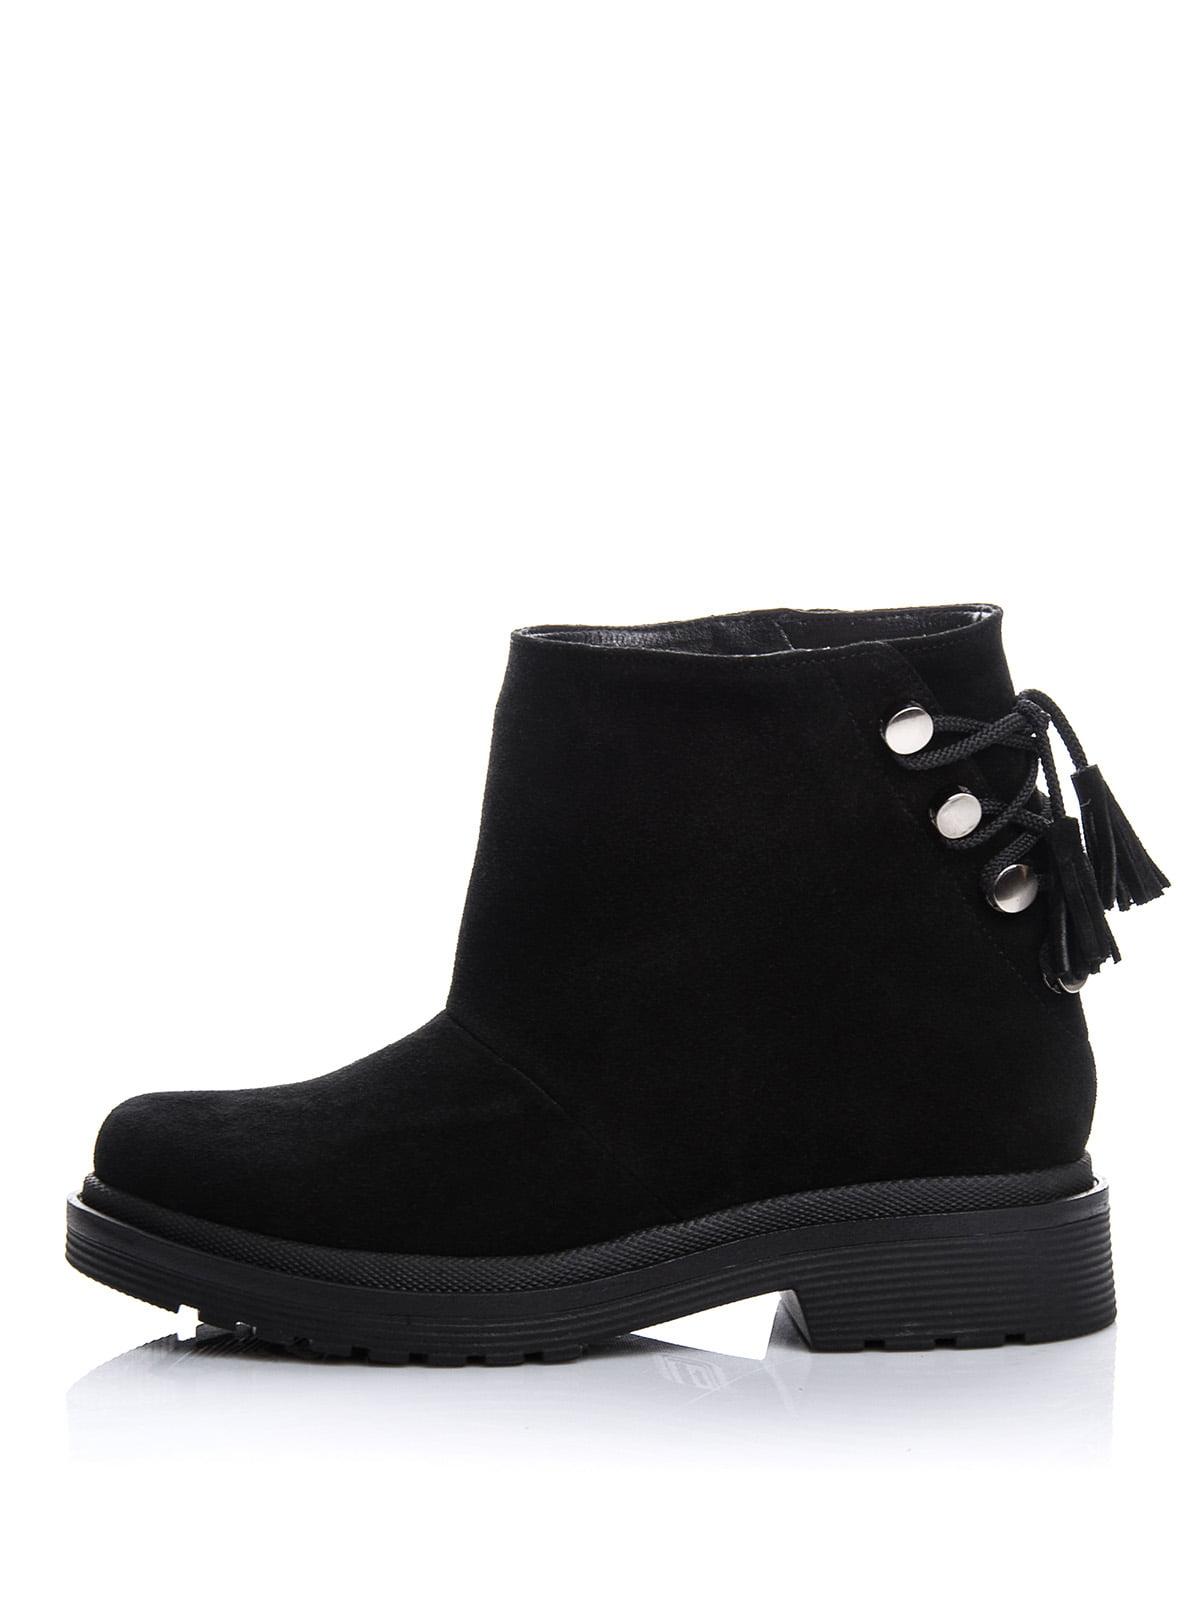 Ботинки черные | 4643291 | фото 3